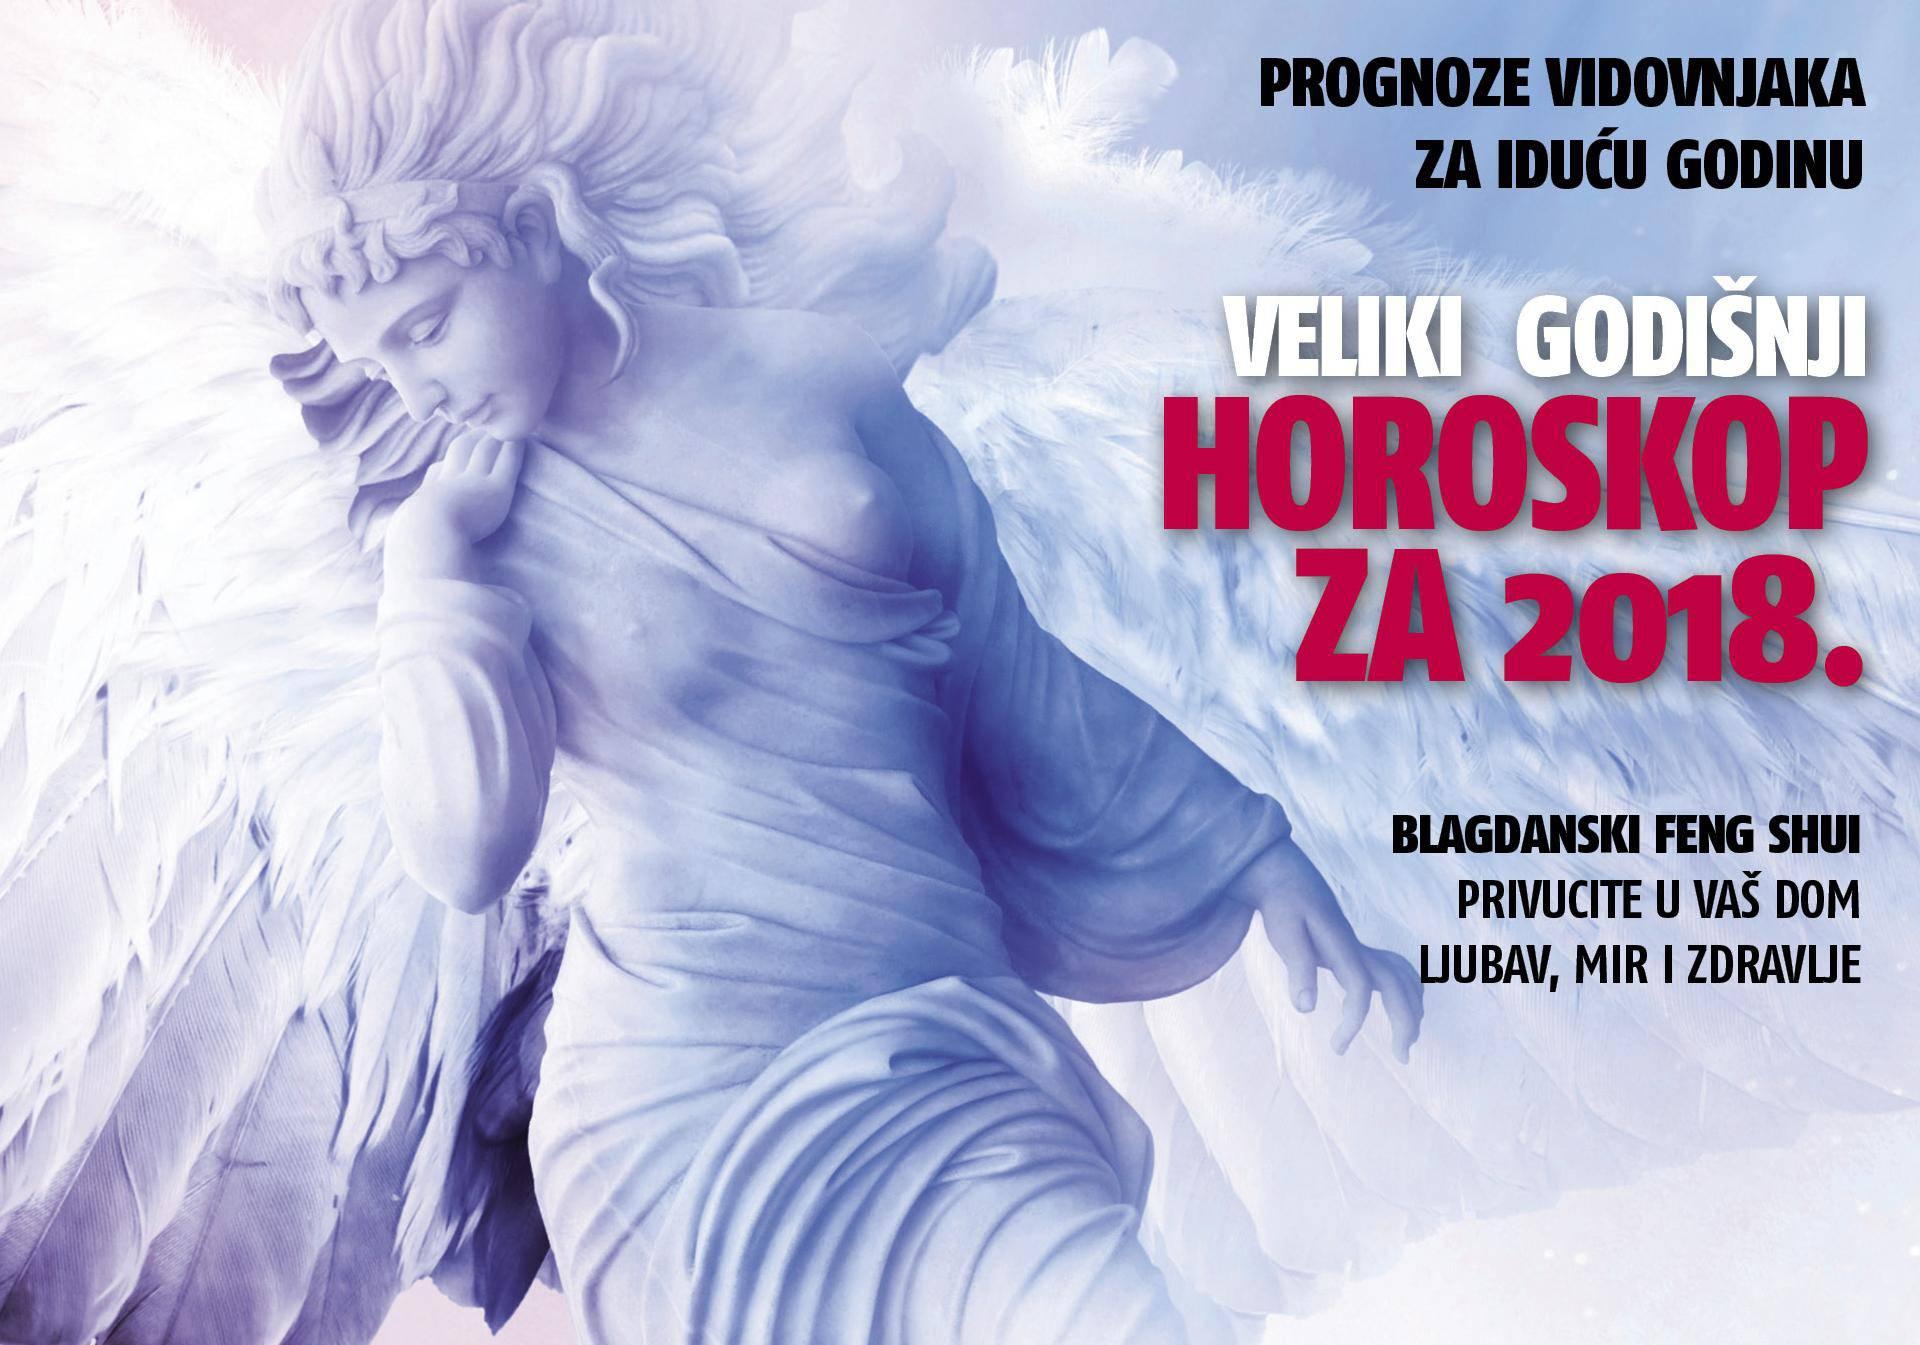 Veliki godišnji horoskop i sve prognoze vidovnjaka za 2018.